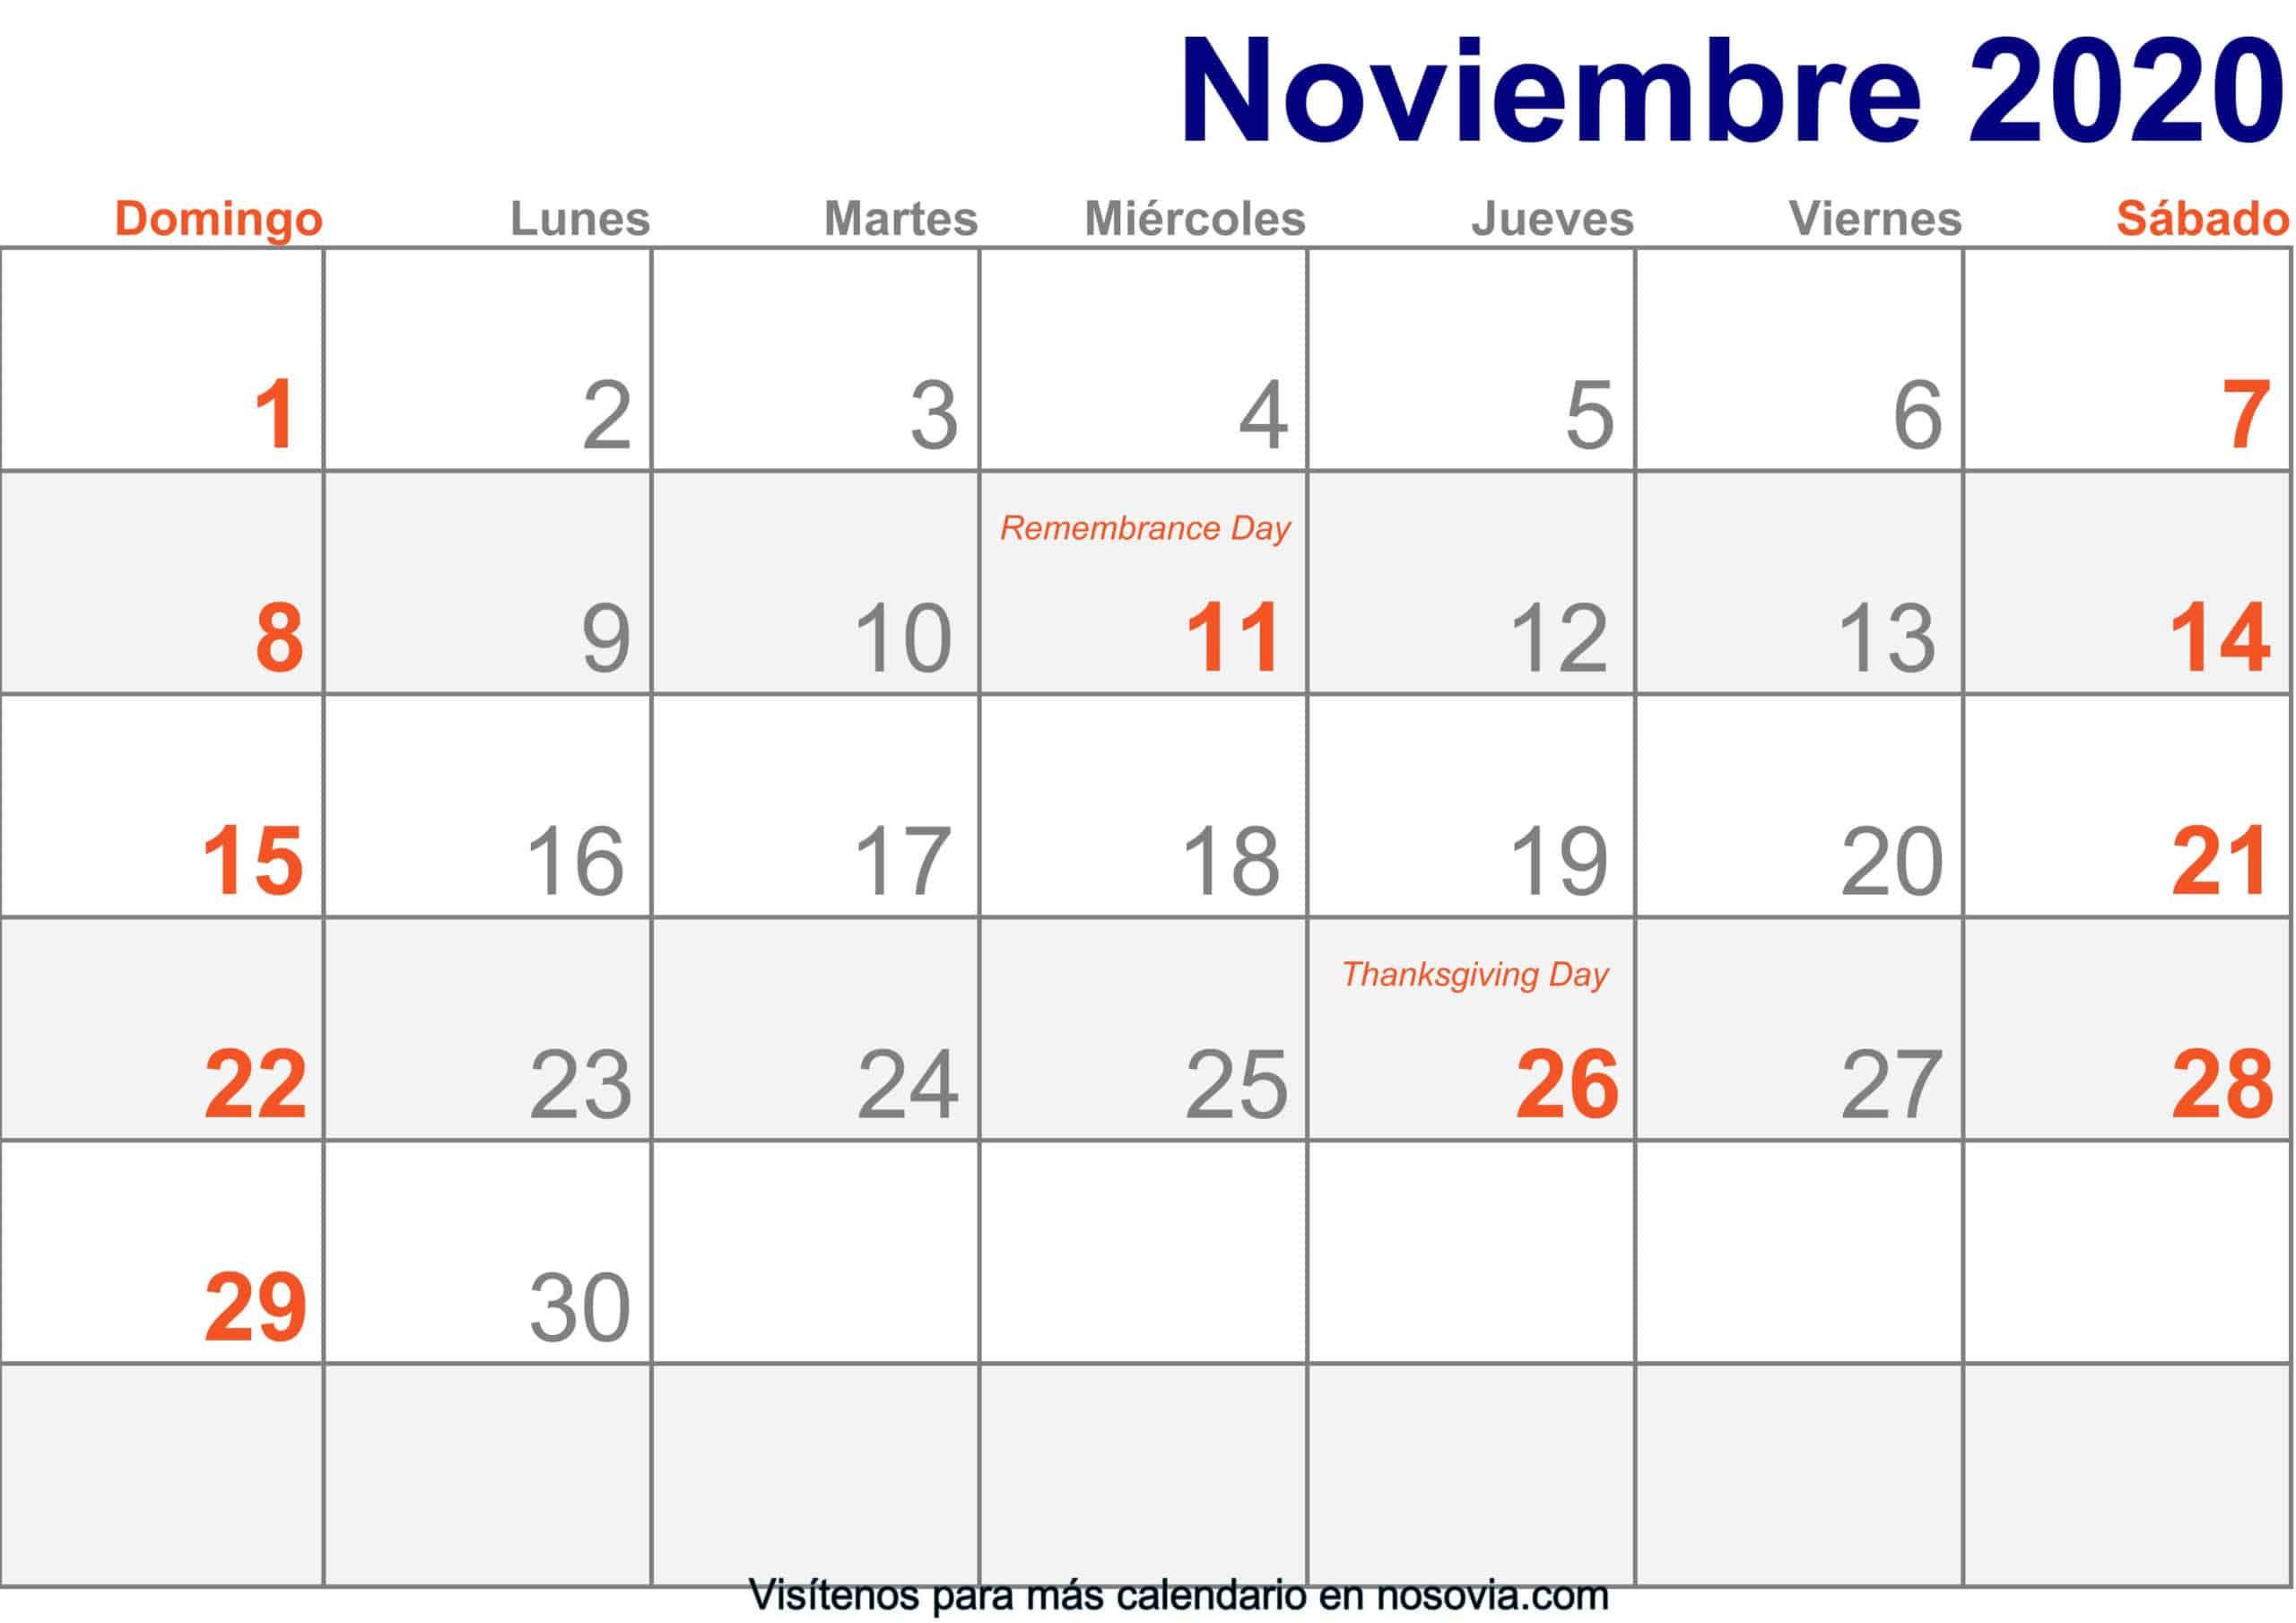 Calendario-noviembre-2020-Con-Festivos-Imprimir